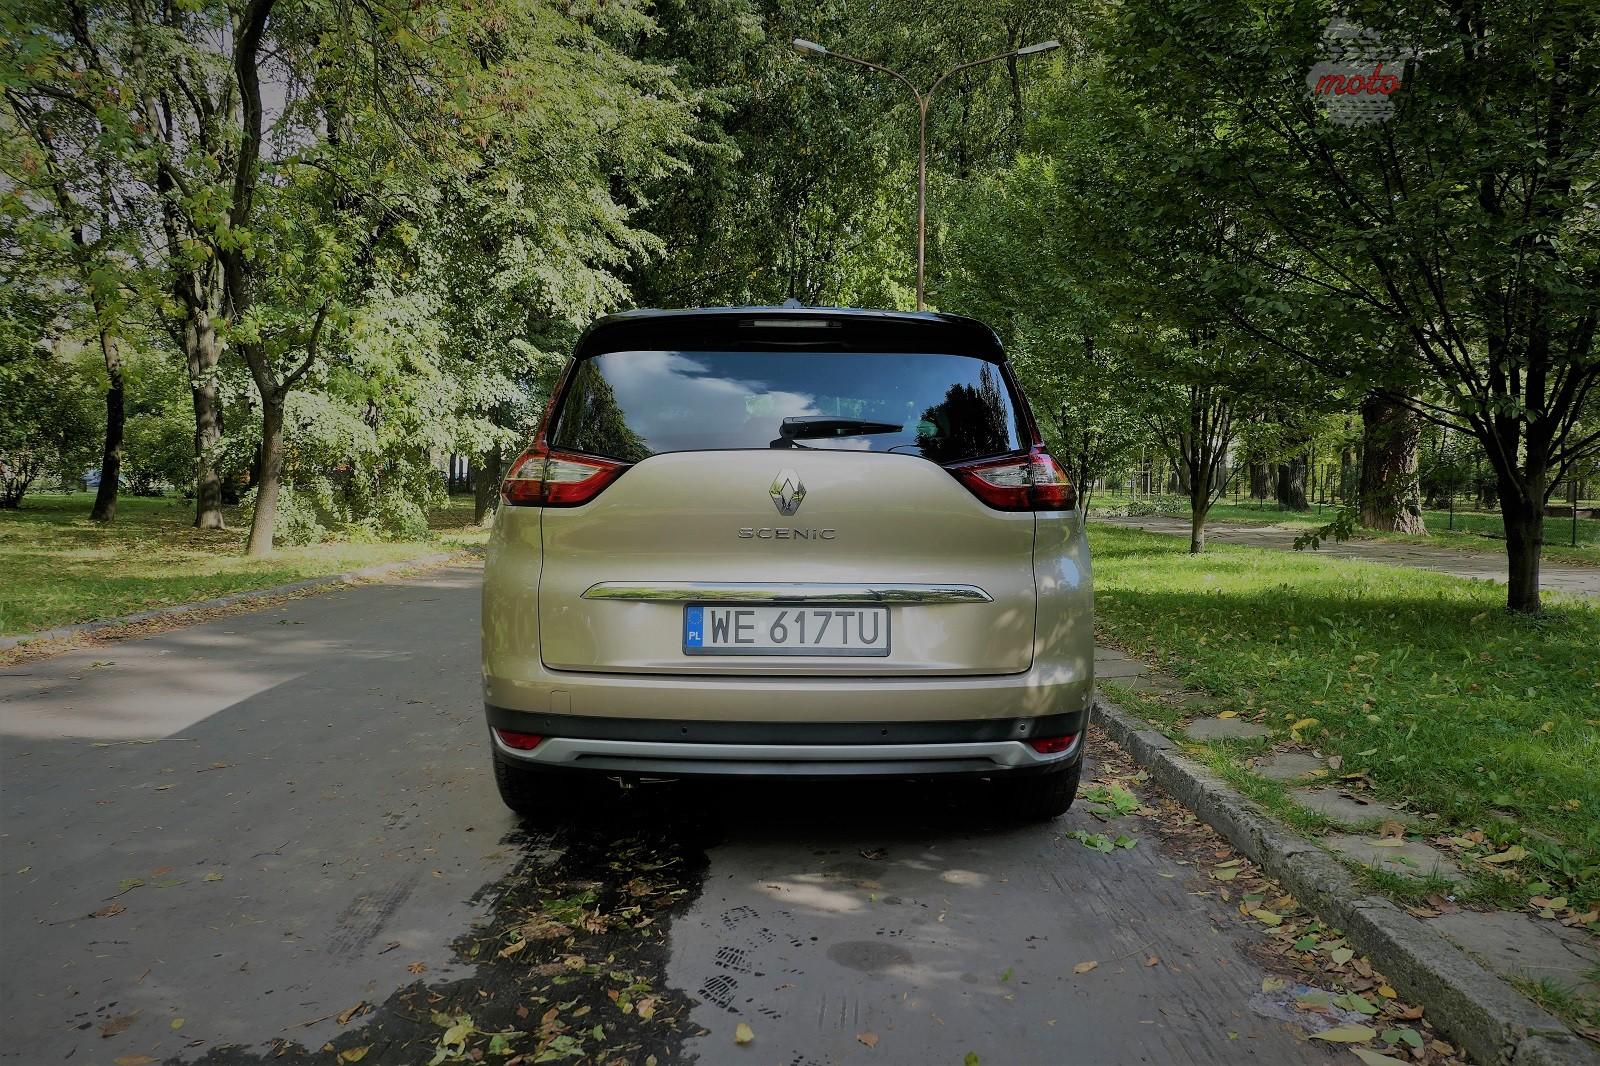 Renault Grand Scenic 12 Test: Renault Grand Scenic 1,3 tCe   wielki tylko ciałem